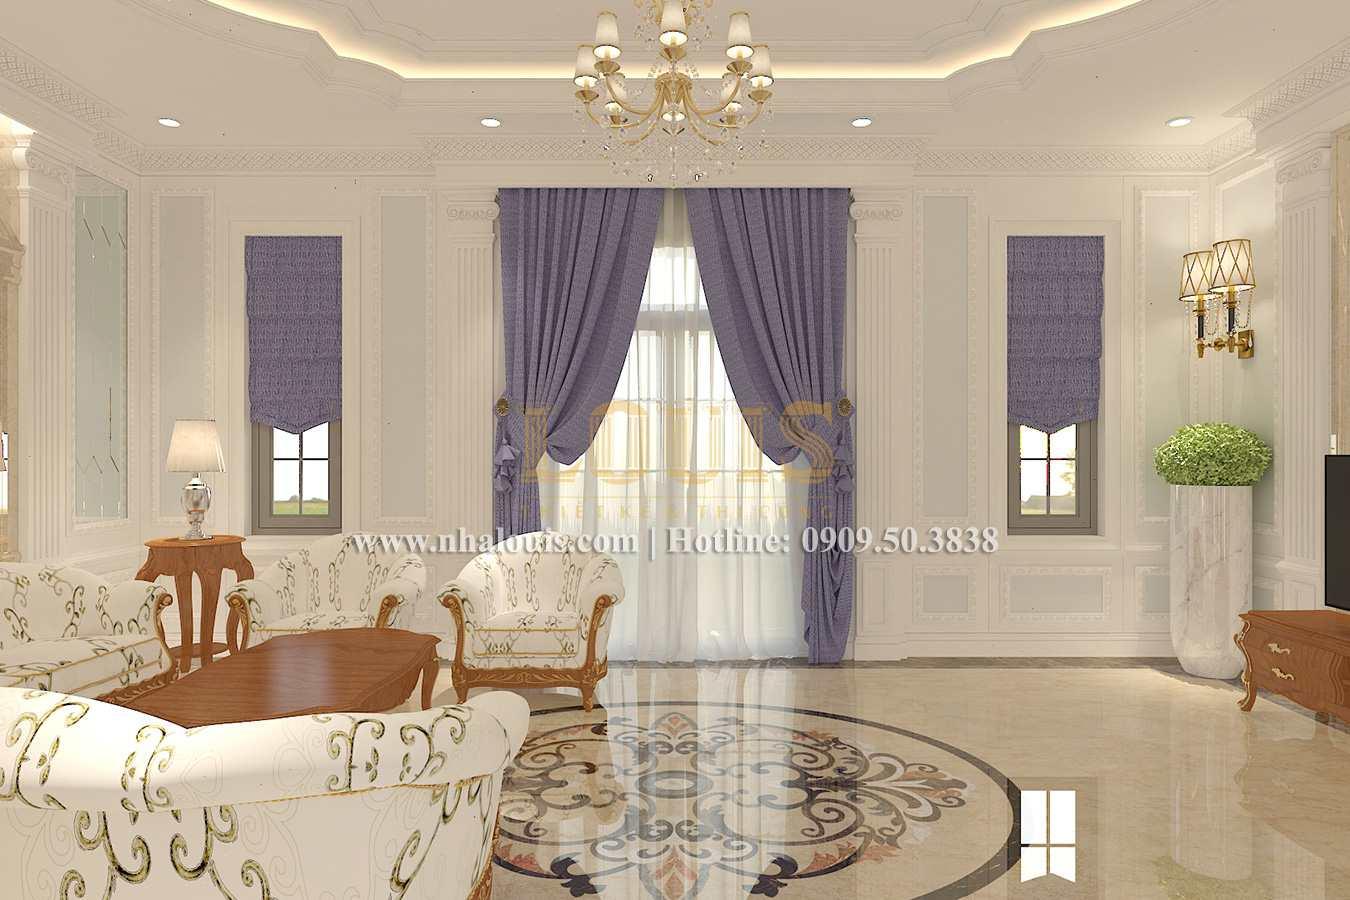 Phòng khách Biệt thự phong cách cổ điển châu Âu tại Bến Tre chuẩn đẳng cấp - 08